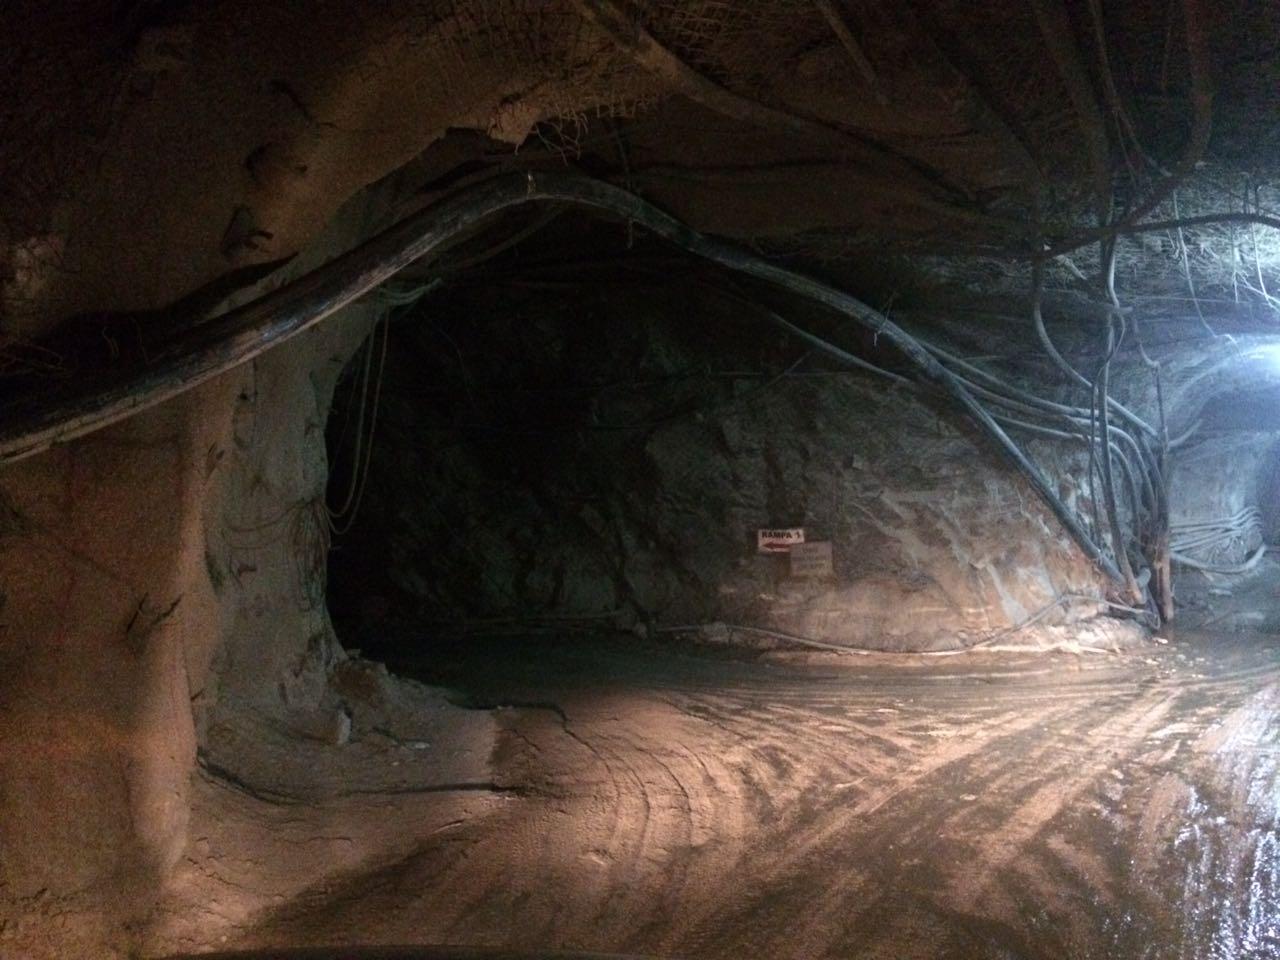 Pexgol Pipe Installed Underground Mine